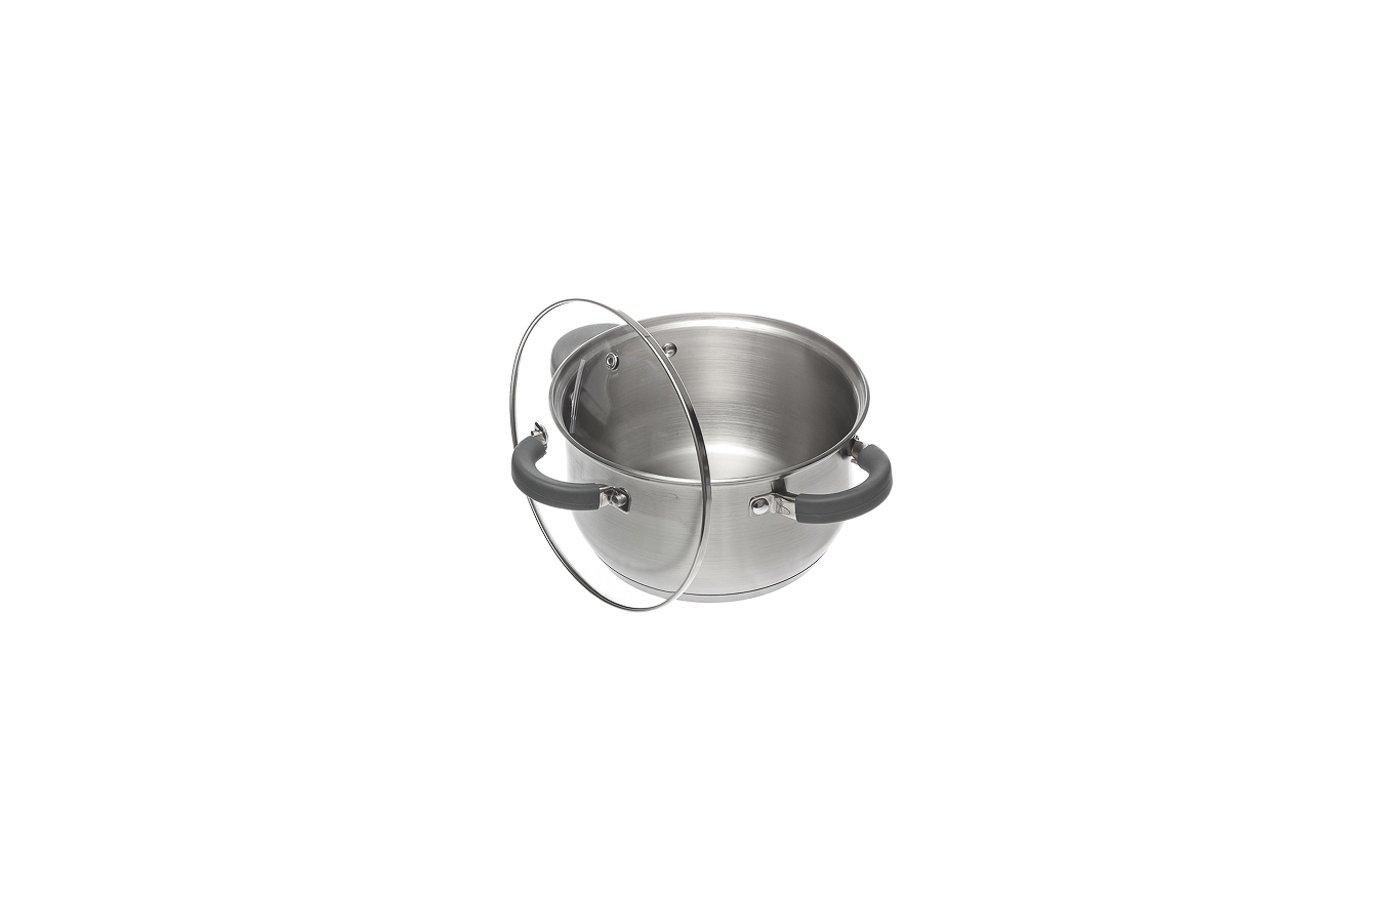 Кастрюля VETTA 822-064 Вена Кастрюля 3.6л. с крышкой индукция